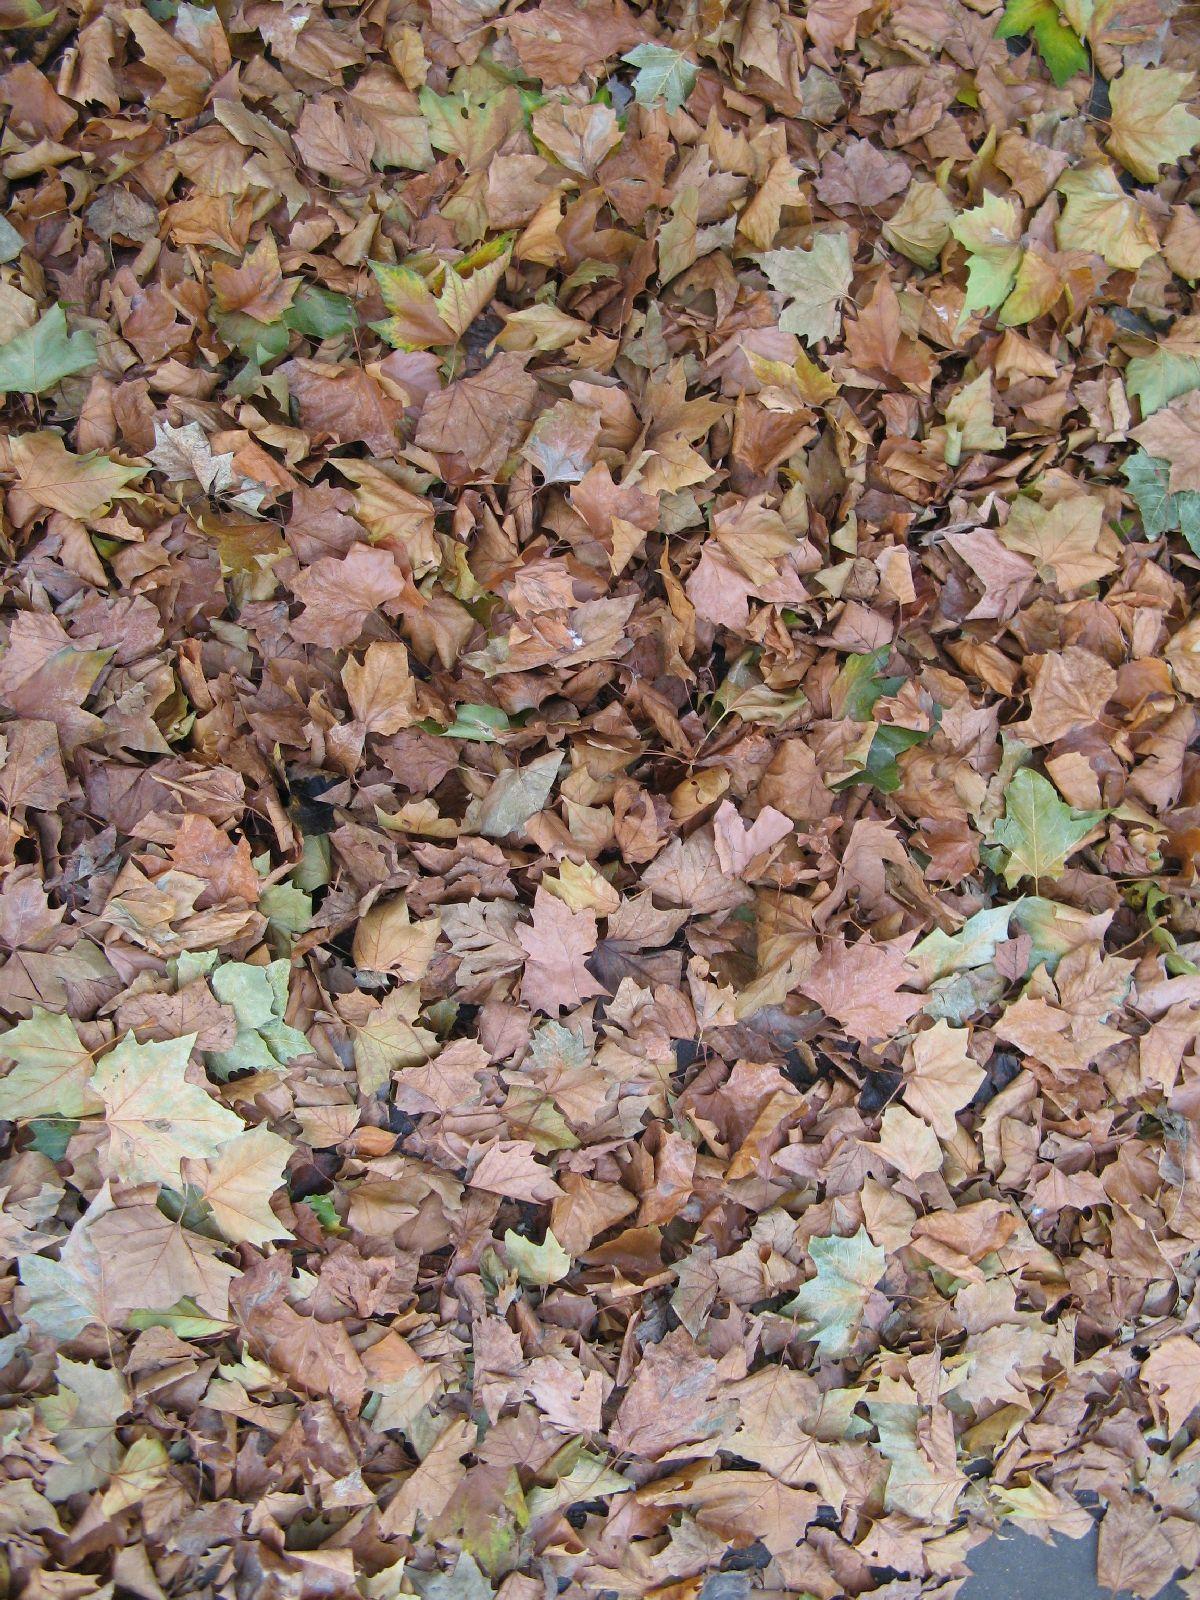 Ground-Nature_Texture_B_08870